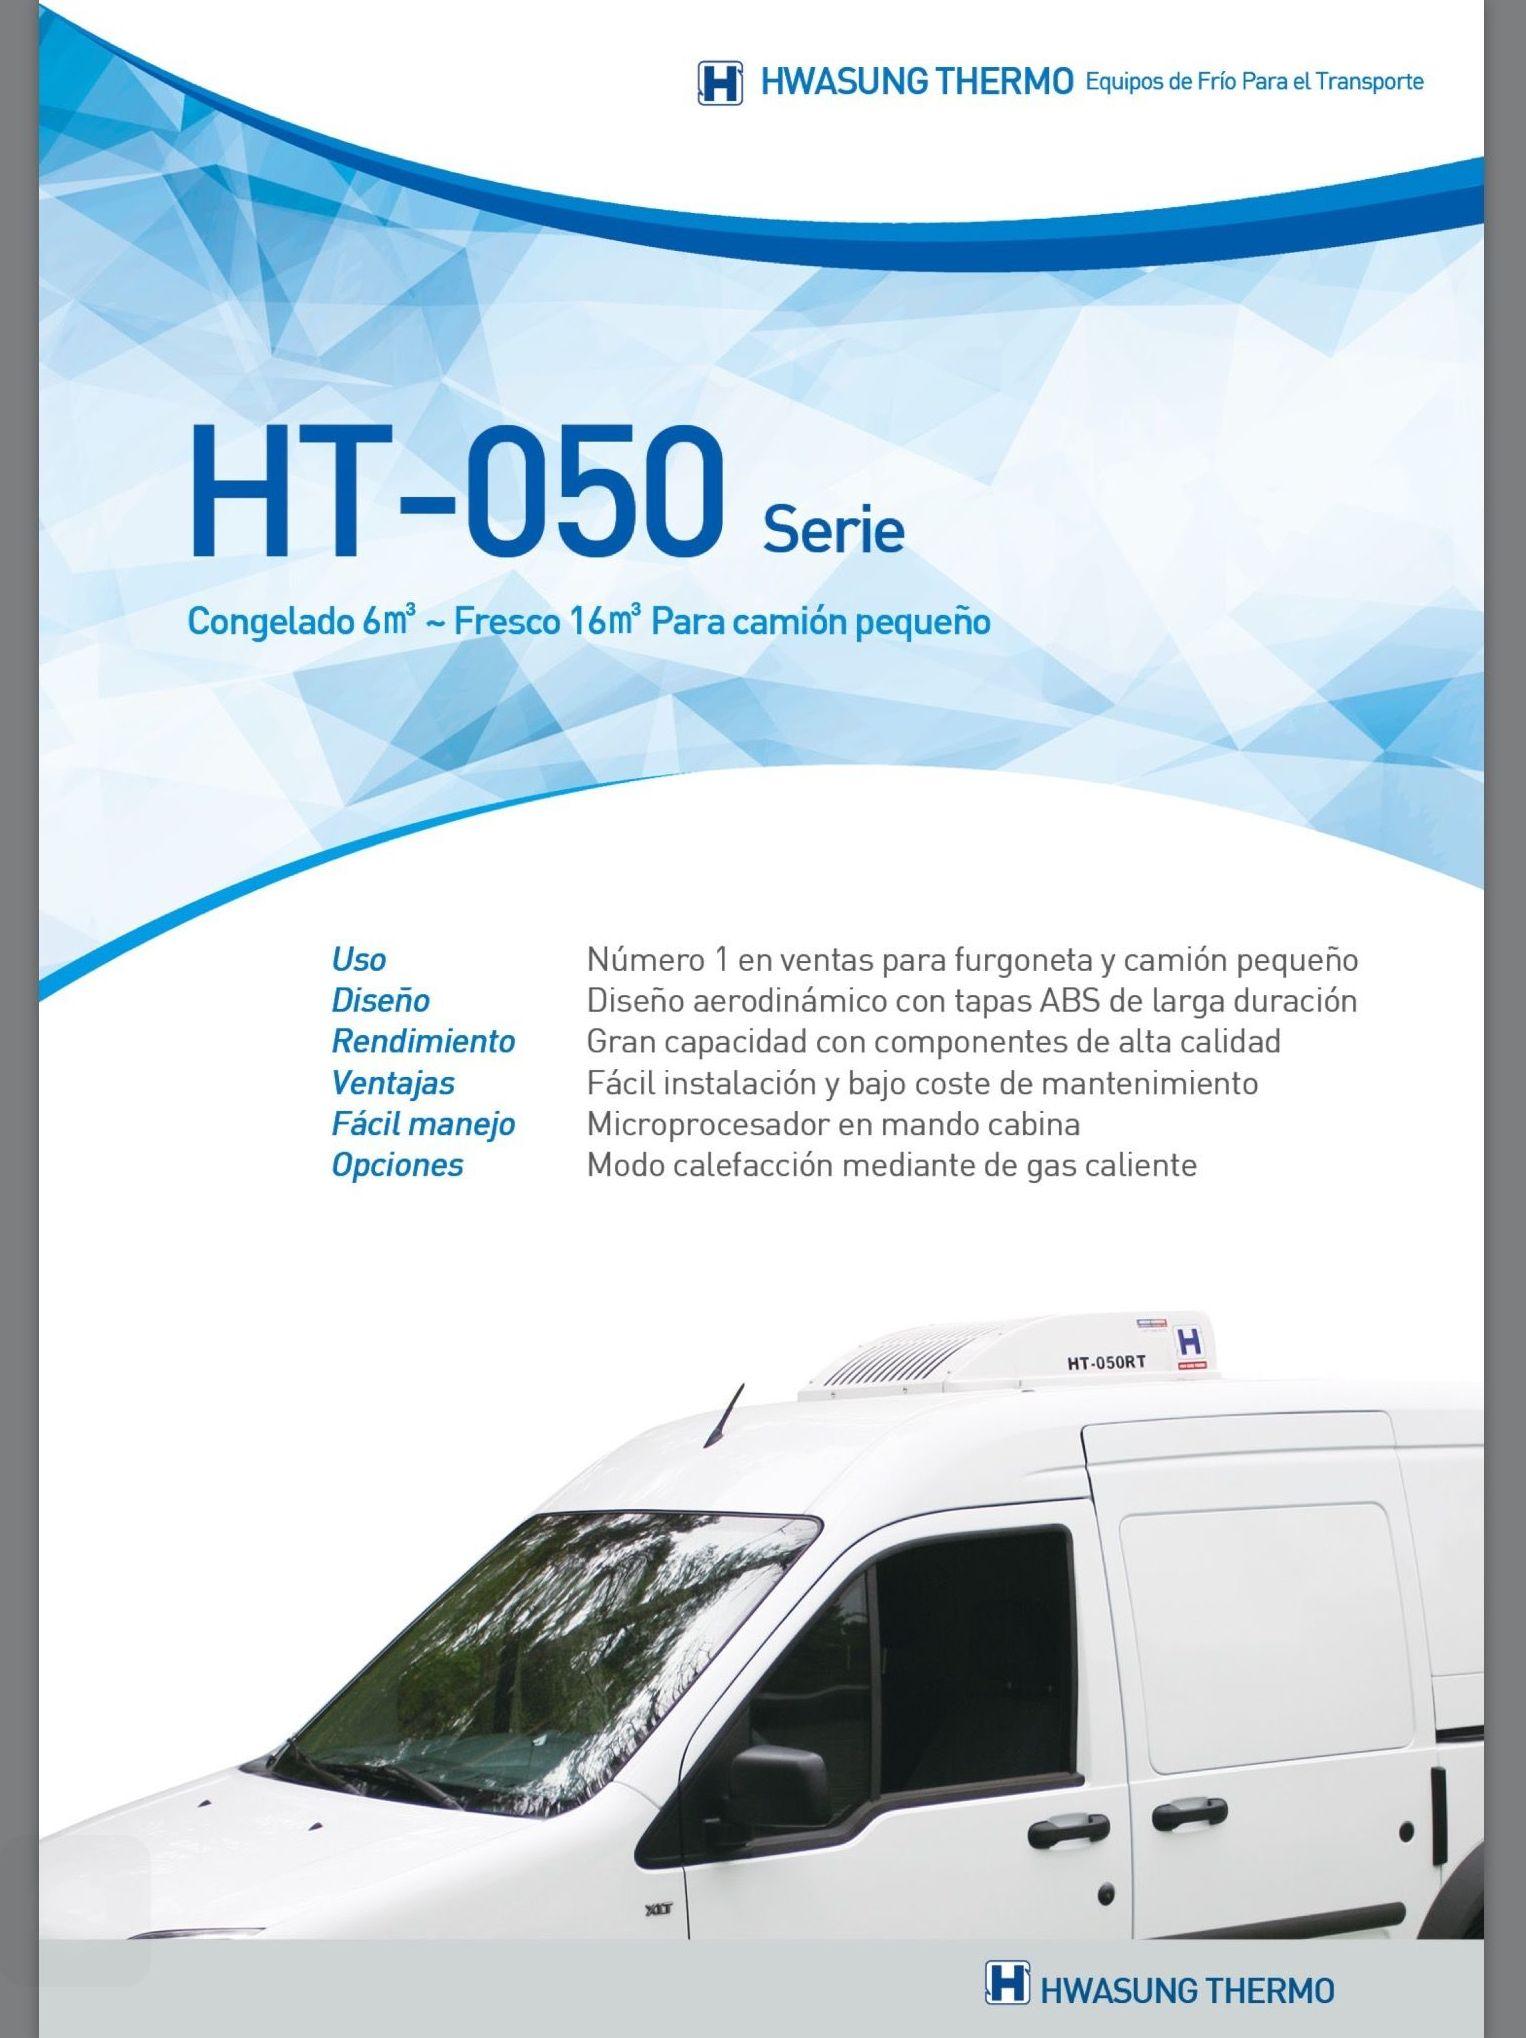 Foto 22 de Recambios para equipos de refrigeración de camiones en Alcantarilla | Mafriauto